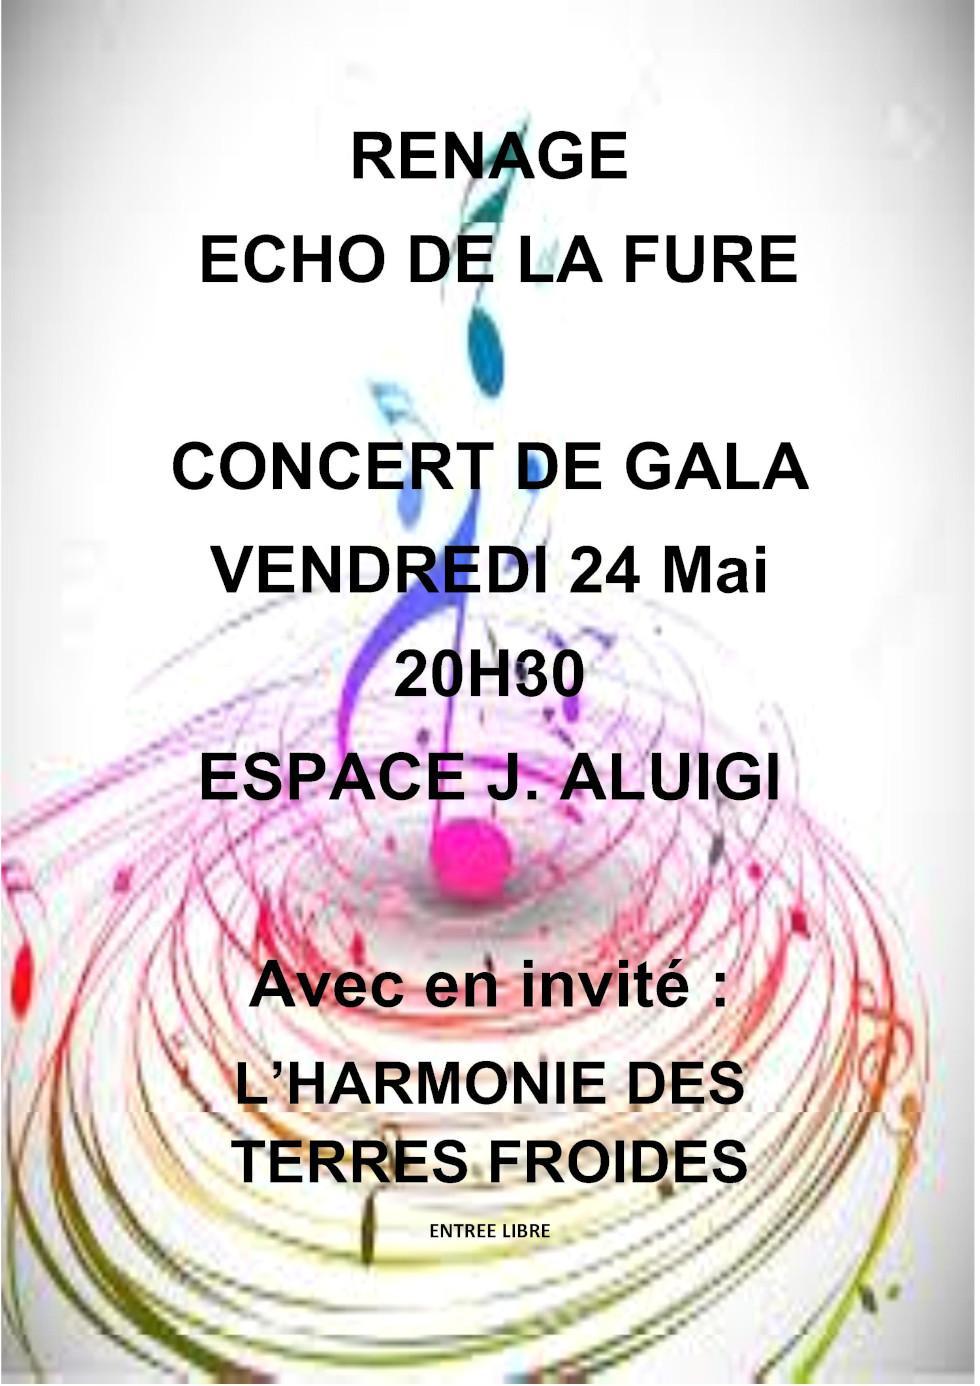 Echo de la Fure concert 24 mai 2019